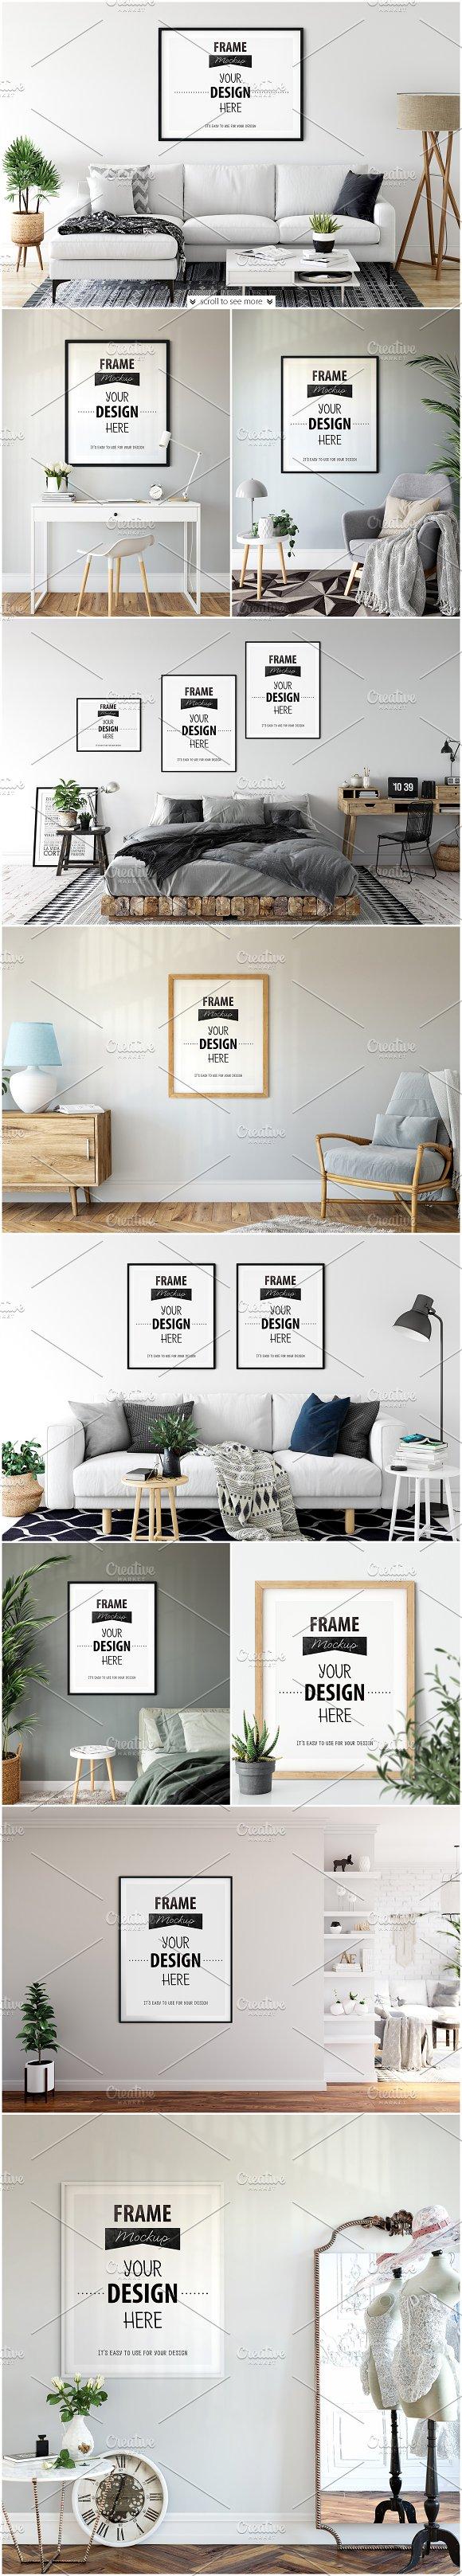 Frames & Walls Mockup Bundle - 12